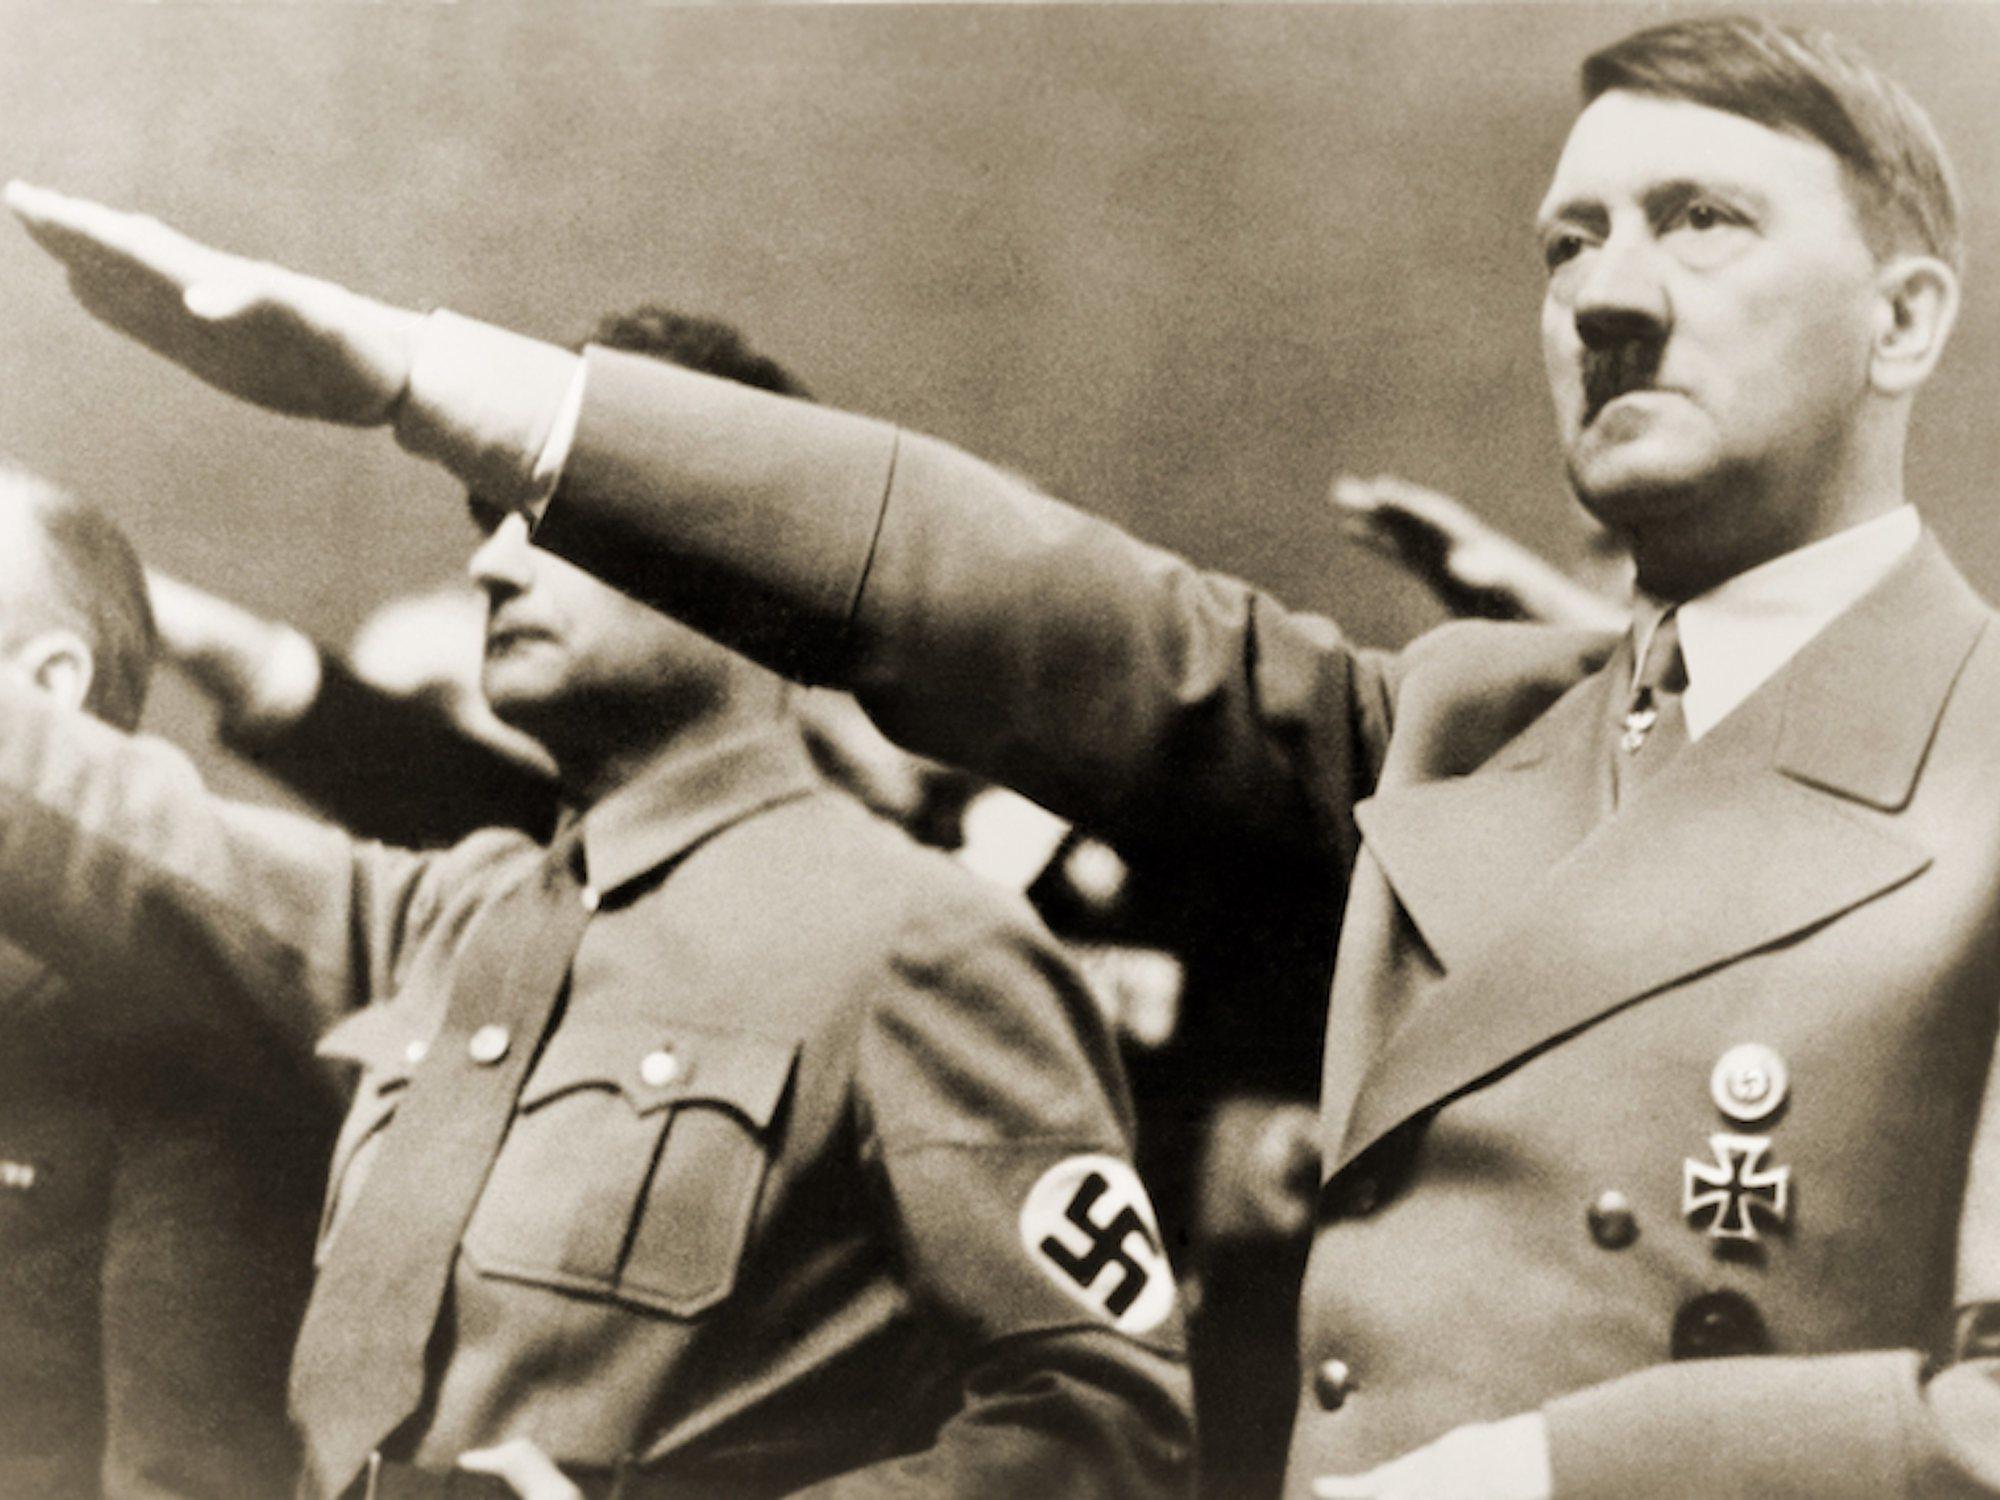 Salen a la luz los vergonzosos secretos del joven Hitler, desvelados por su único amigo